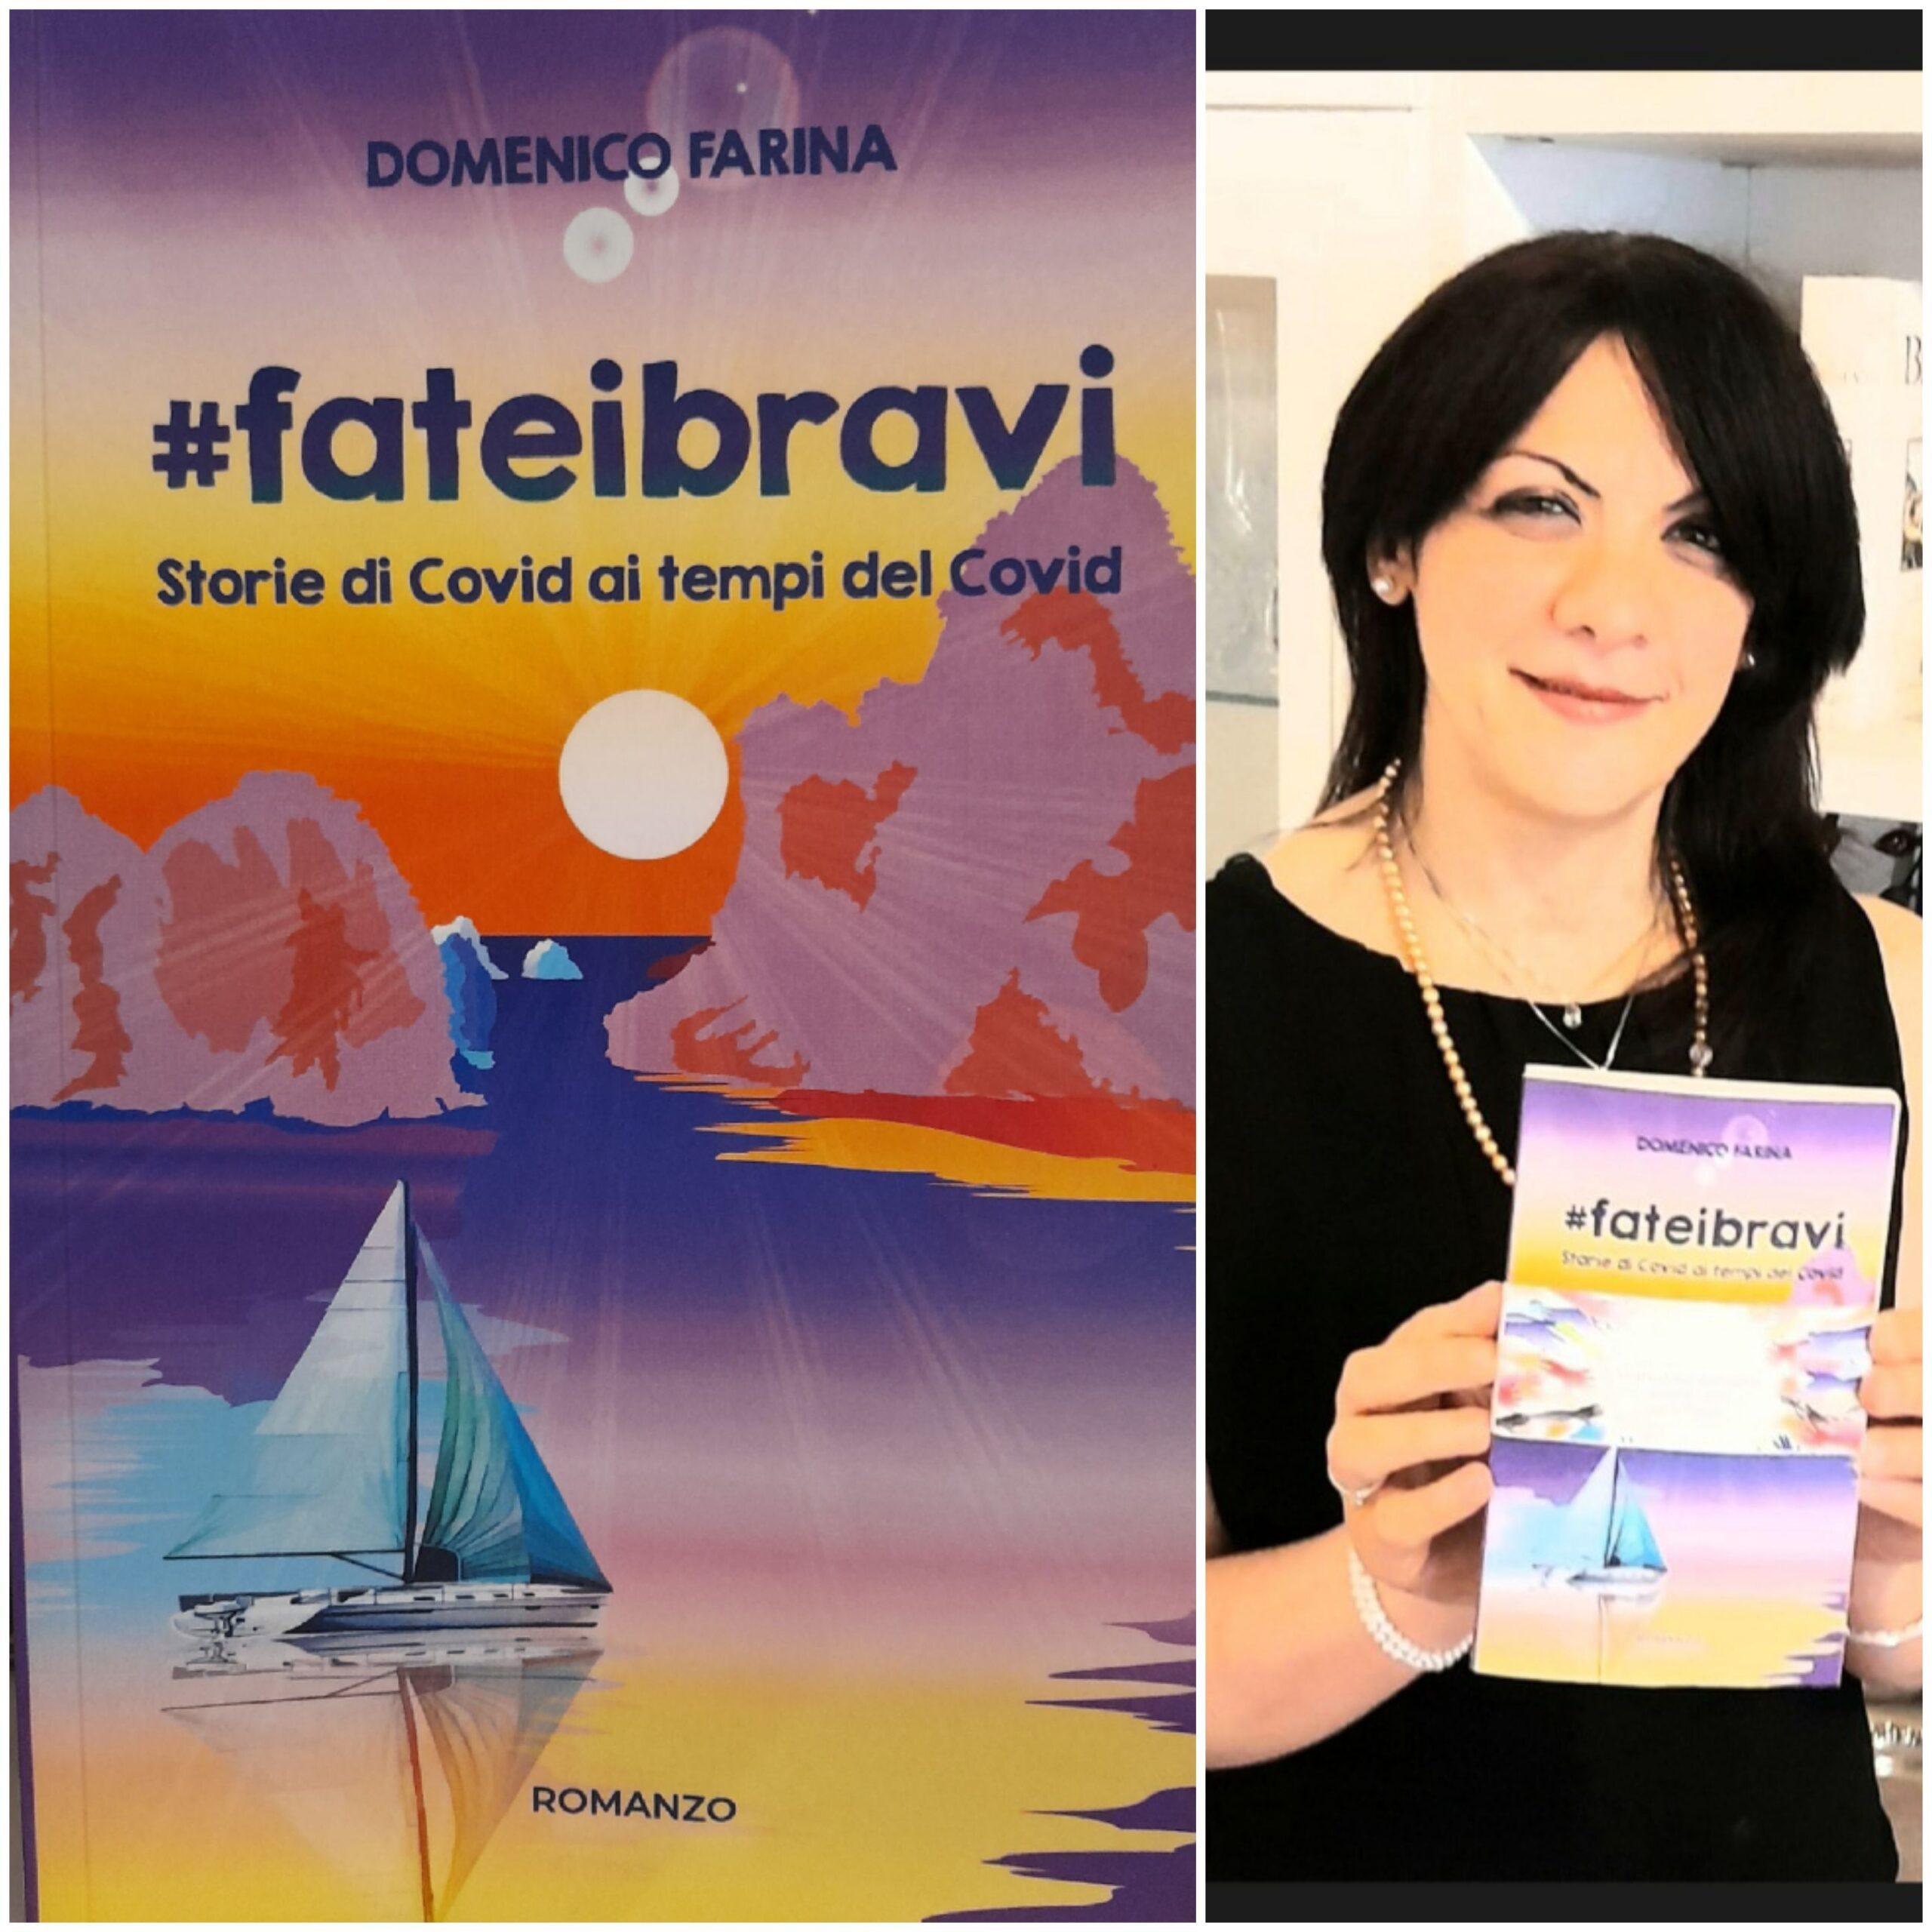 Domenico Farina racconta il Covid in #fateibravi  Storie di Covid ai tempi del Covid